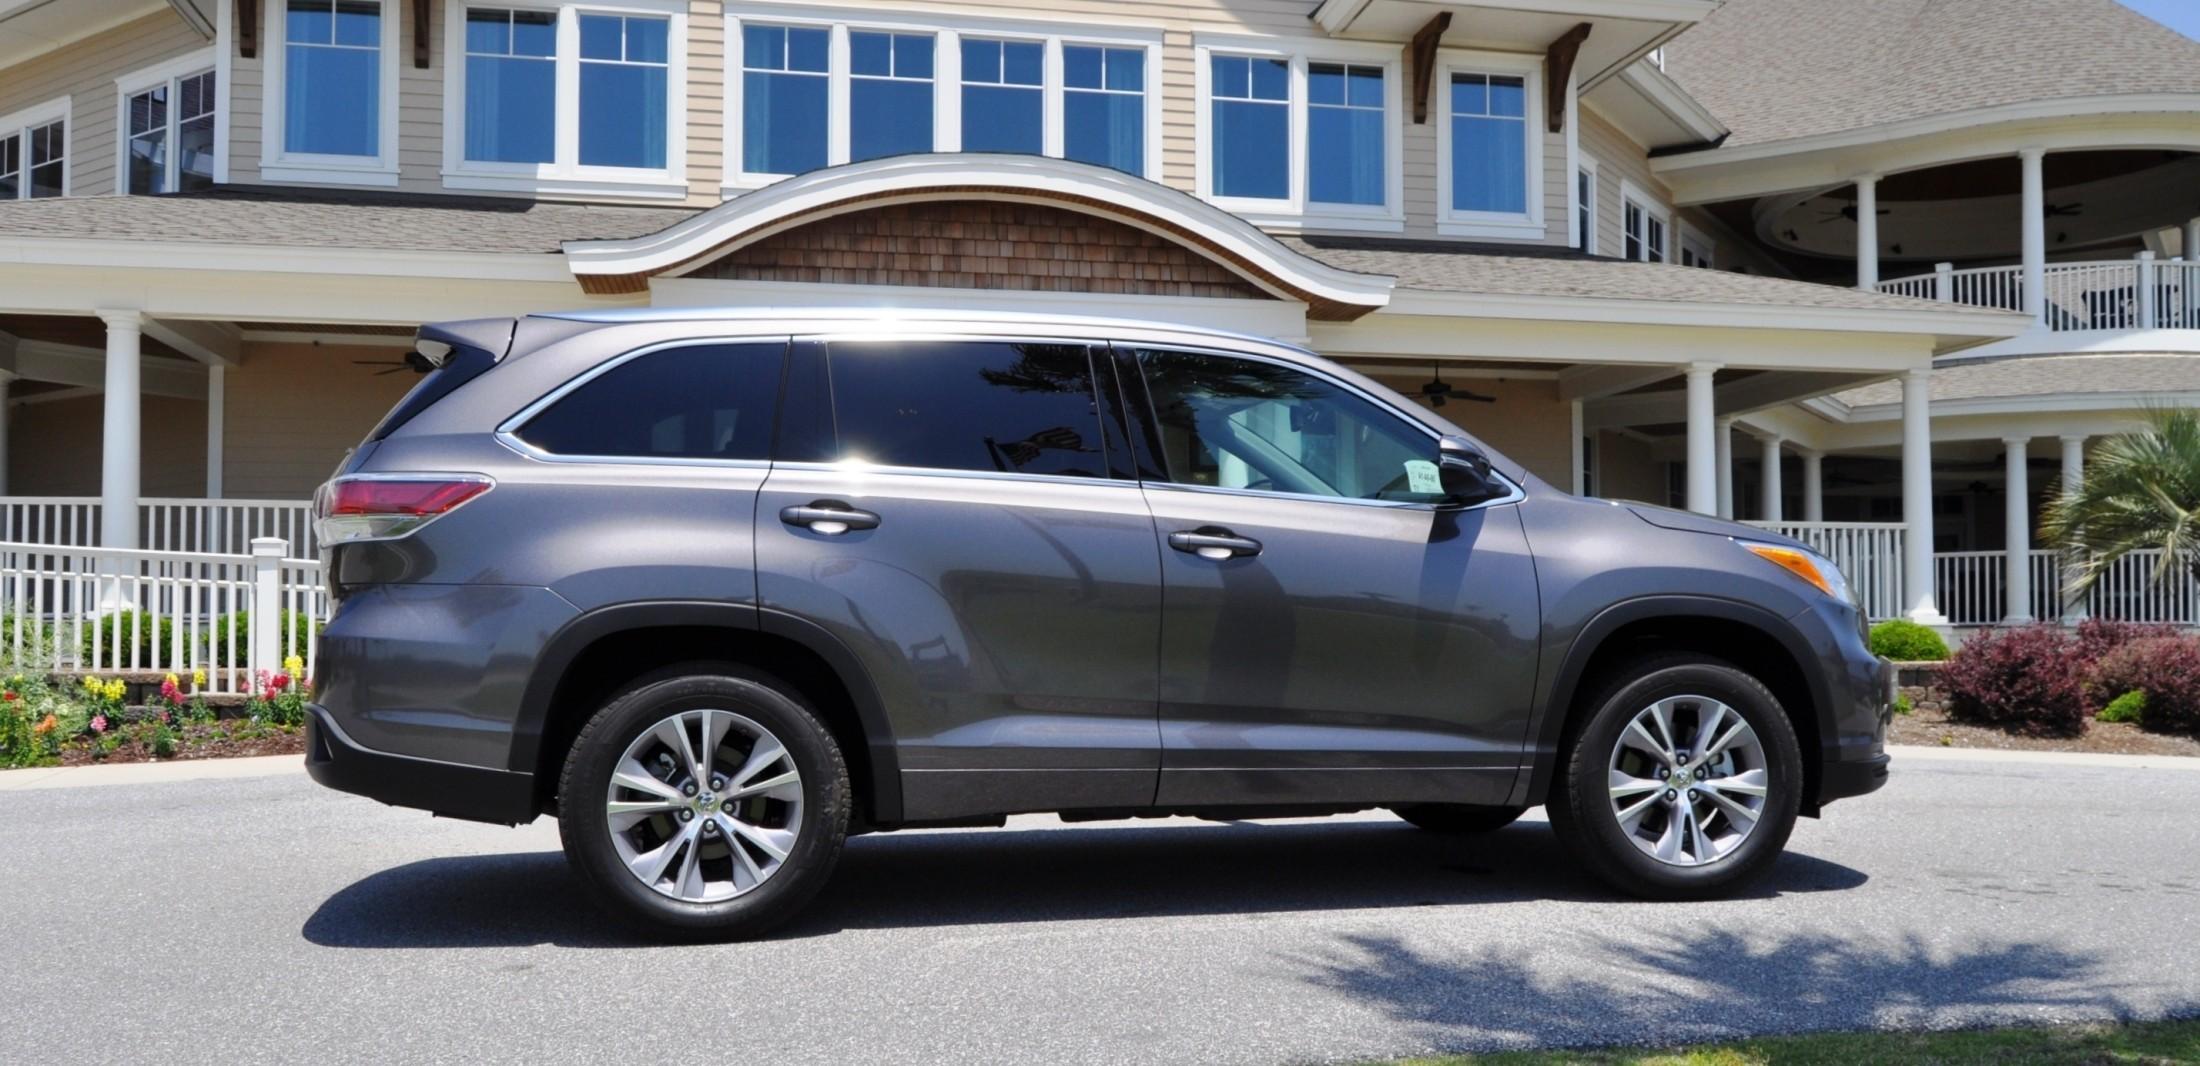 road test review 2015 toyota highlander hybrid limited awd by ken glassman car revs. Black Bedroom Furniture Sets. Home Design Ideas